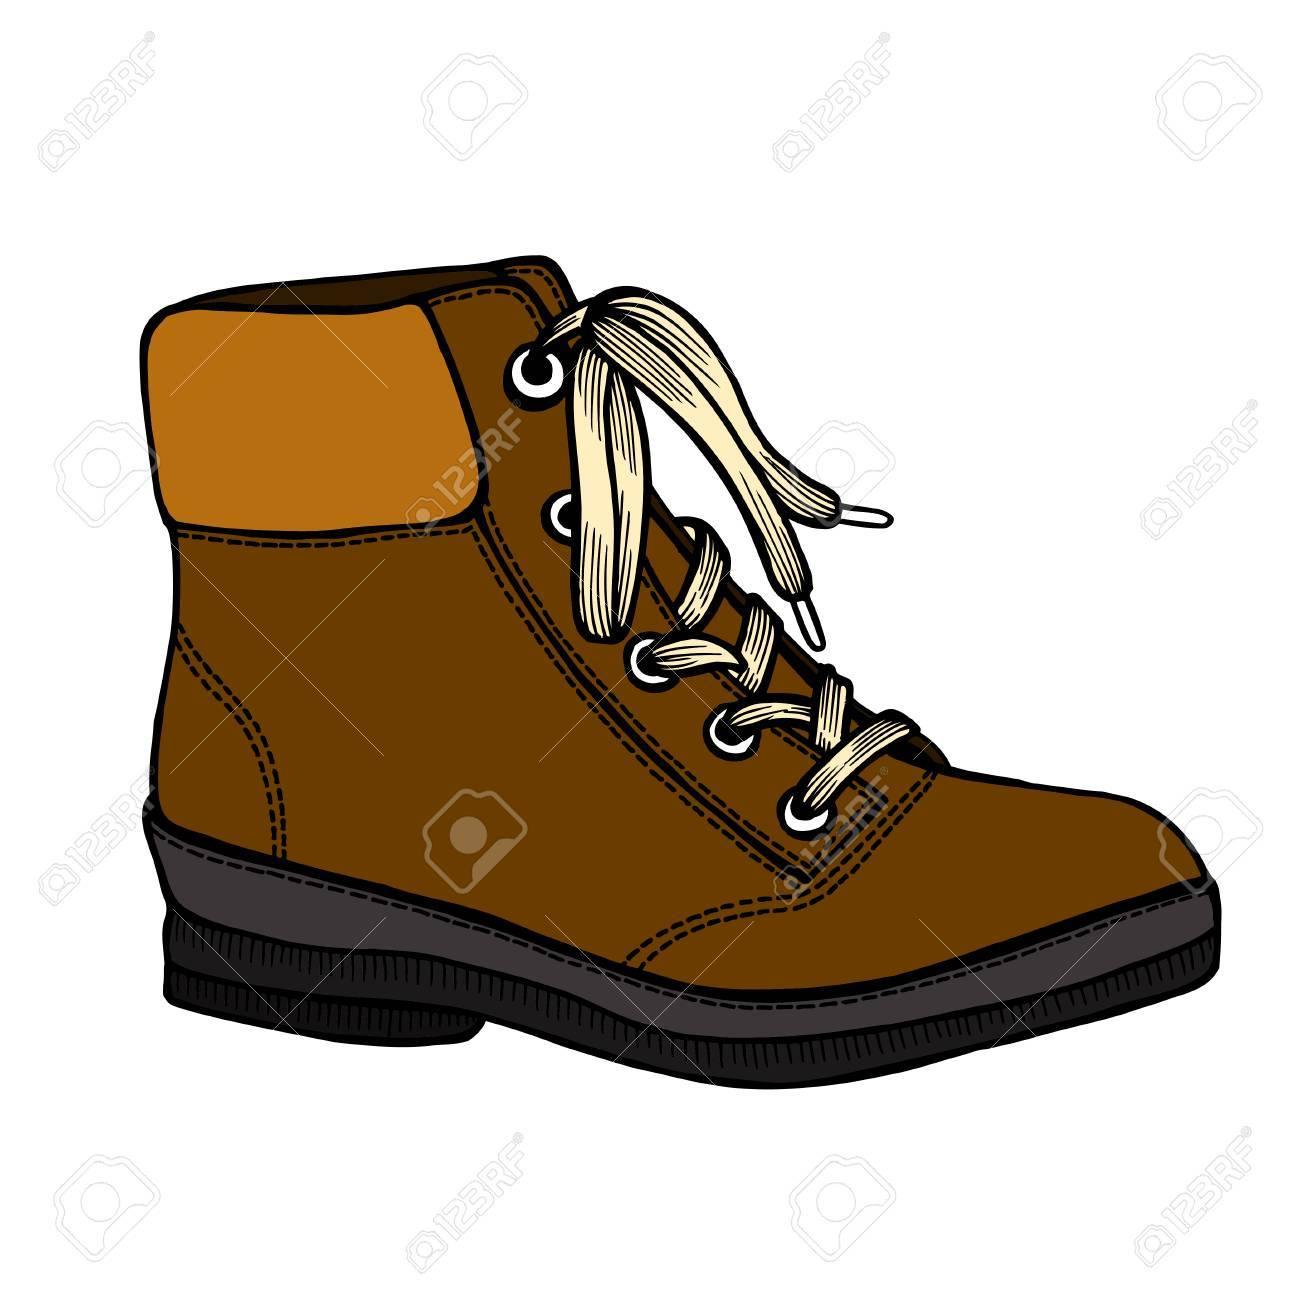 Chaussures de femmes d'hiver colorées, bottes. Dans le style des dessins au trait